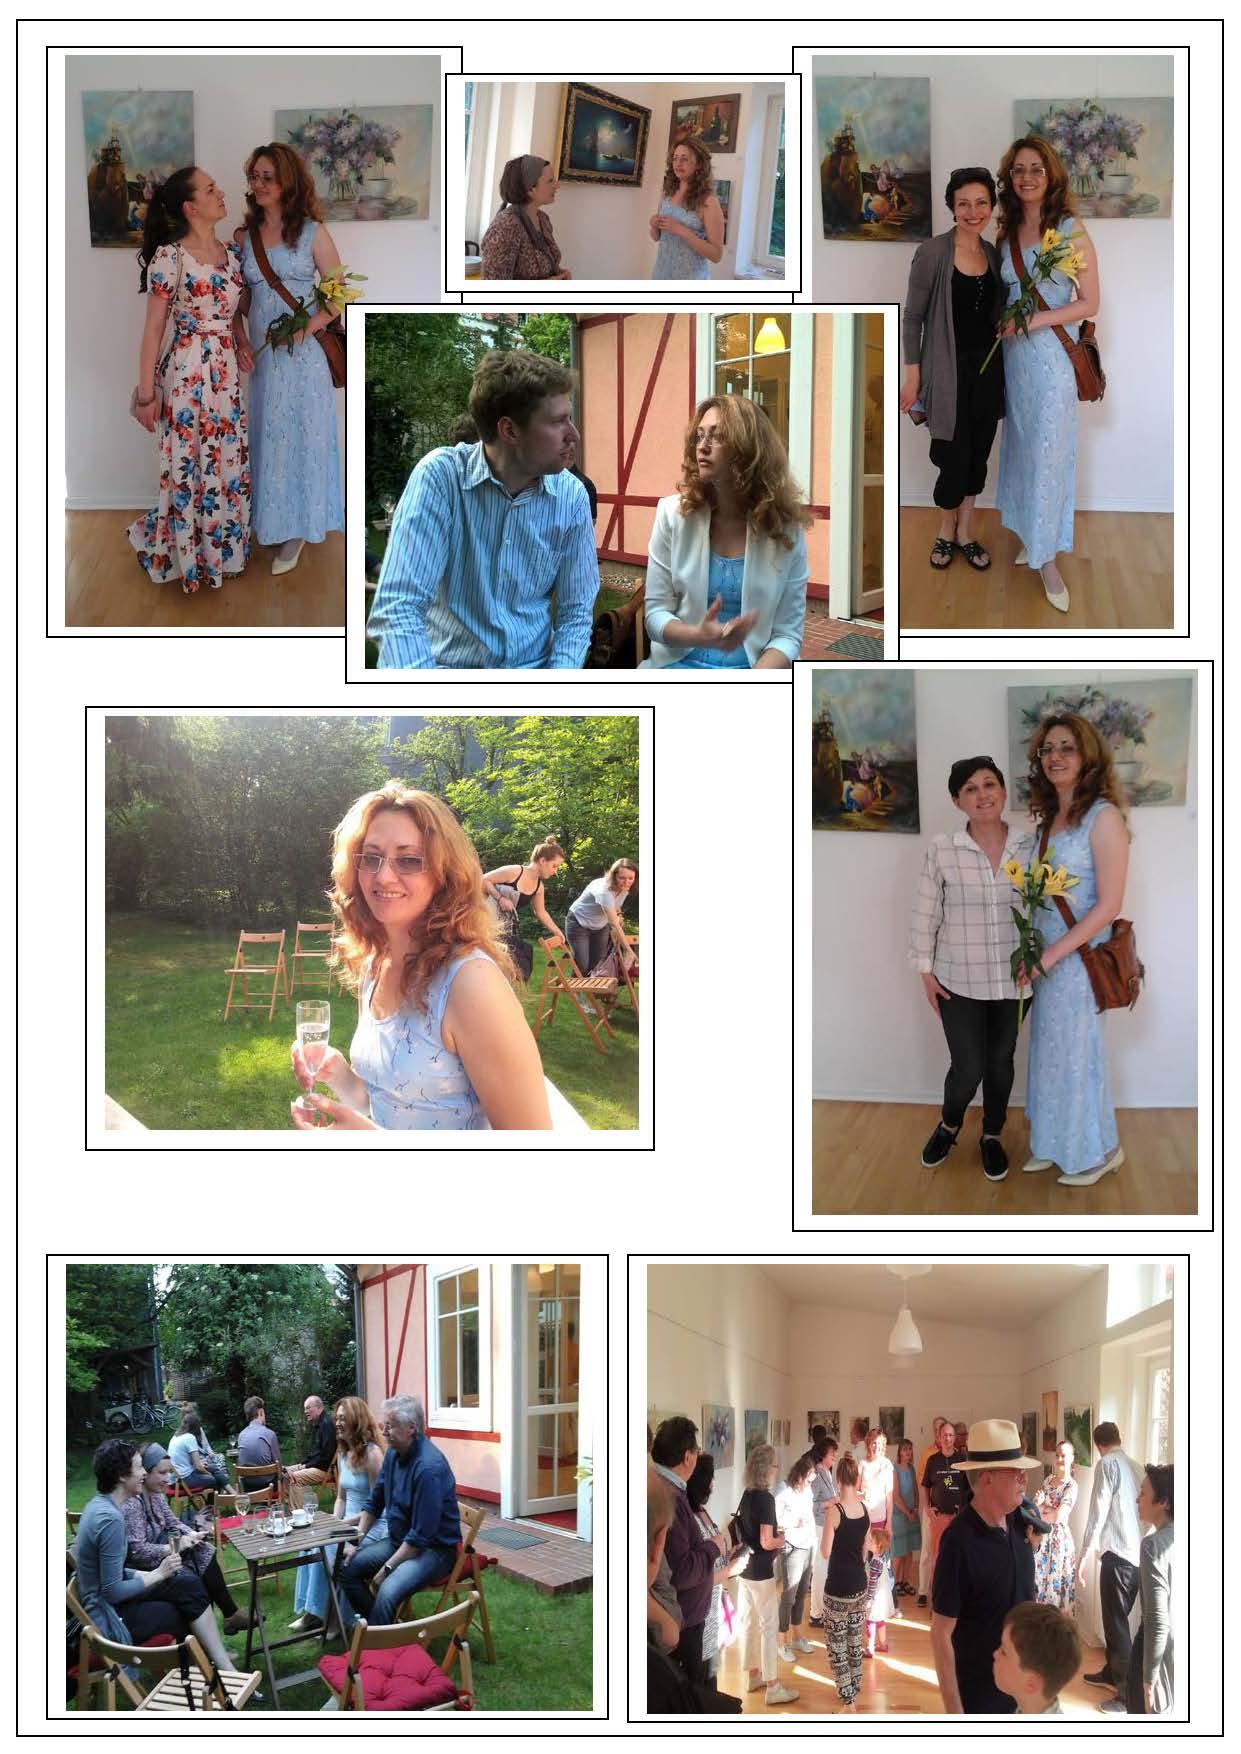 Partner der Galerie Fedorova - Galerie im Garten, Berlin